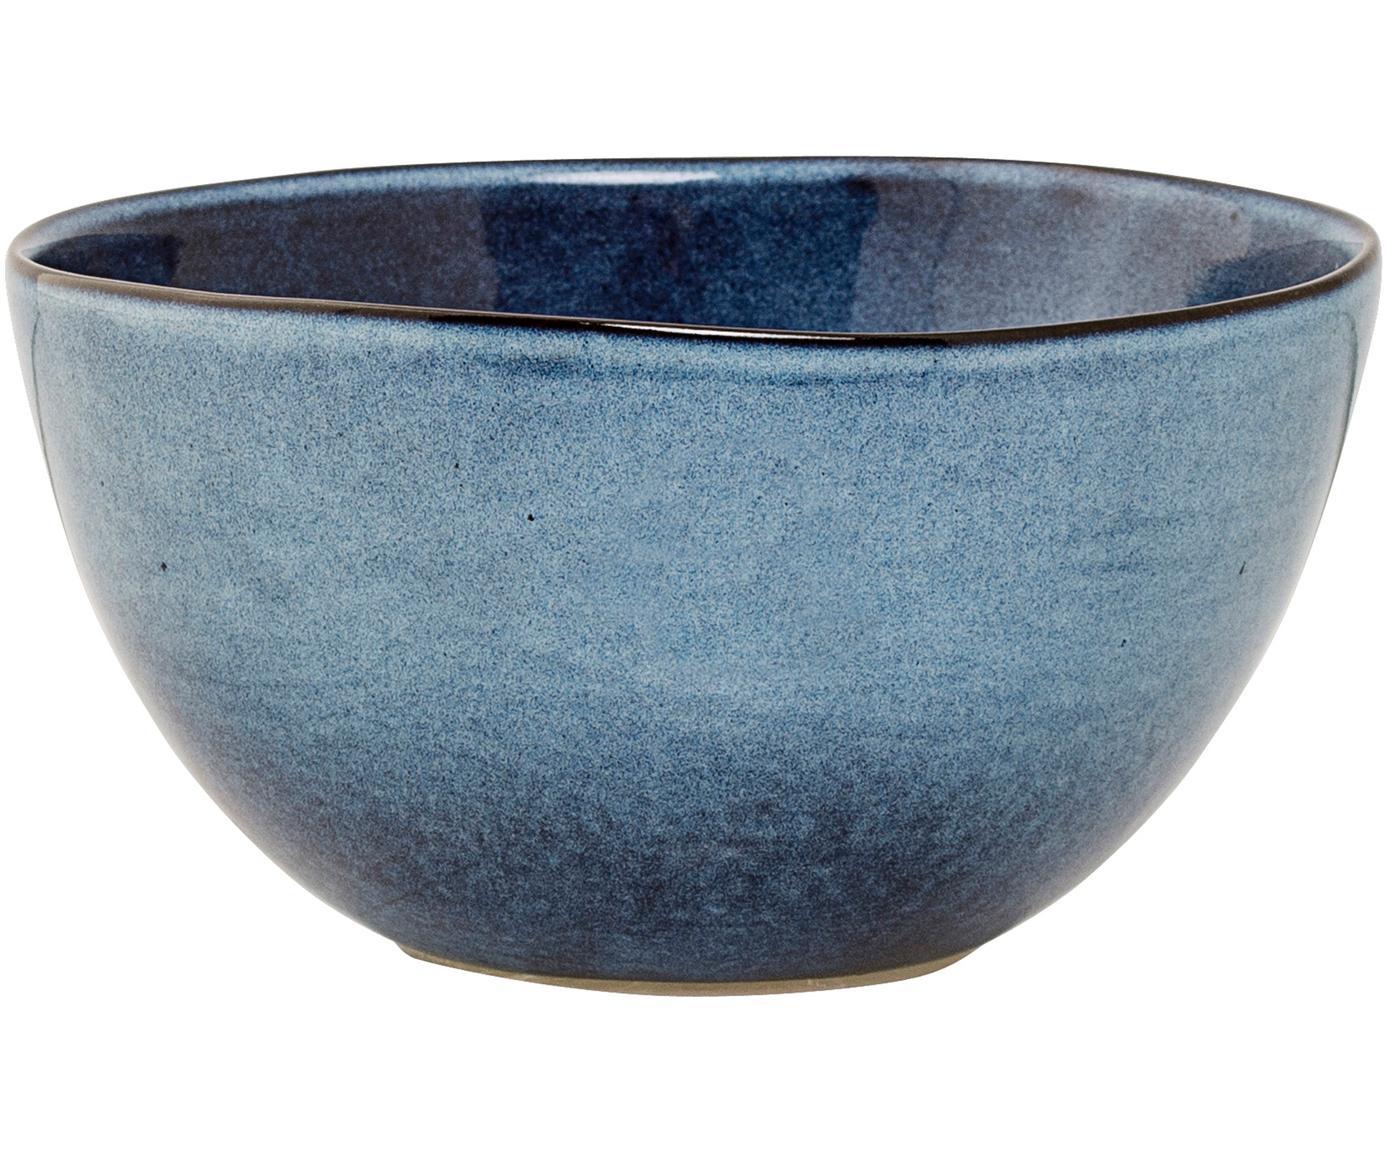 Handgemaakte schalen Sandrine, 6 stuks, Keramiek, Blauw, Ø 15 x H 8 cm